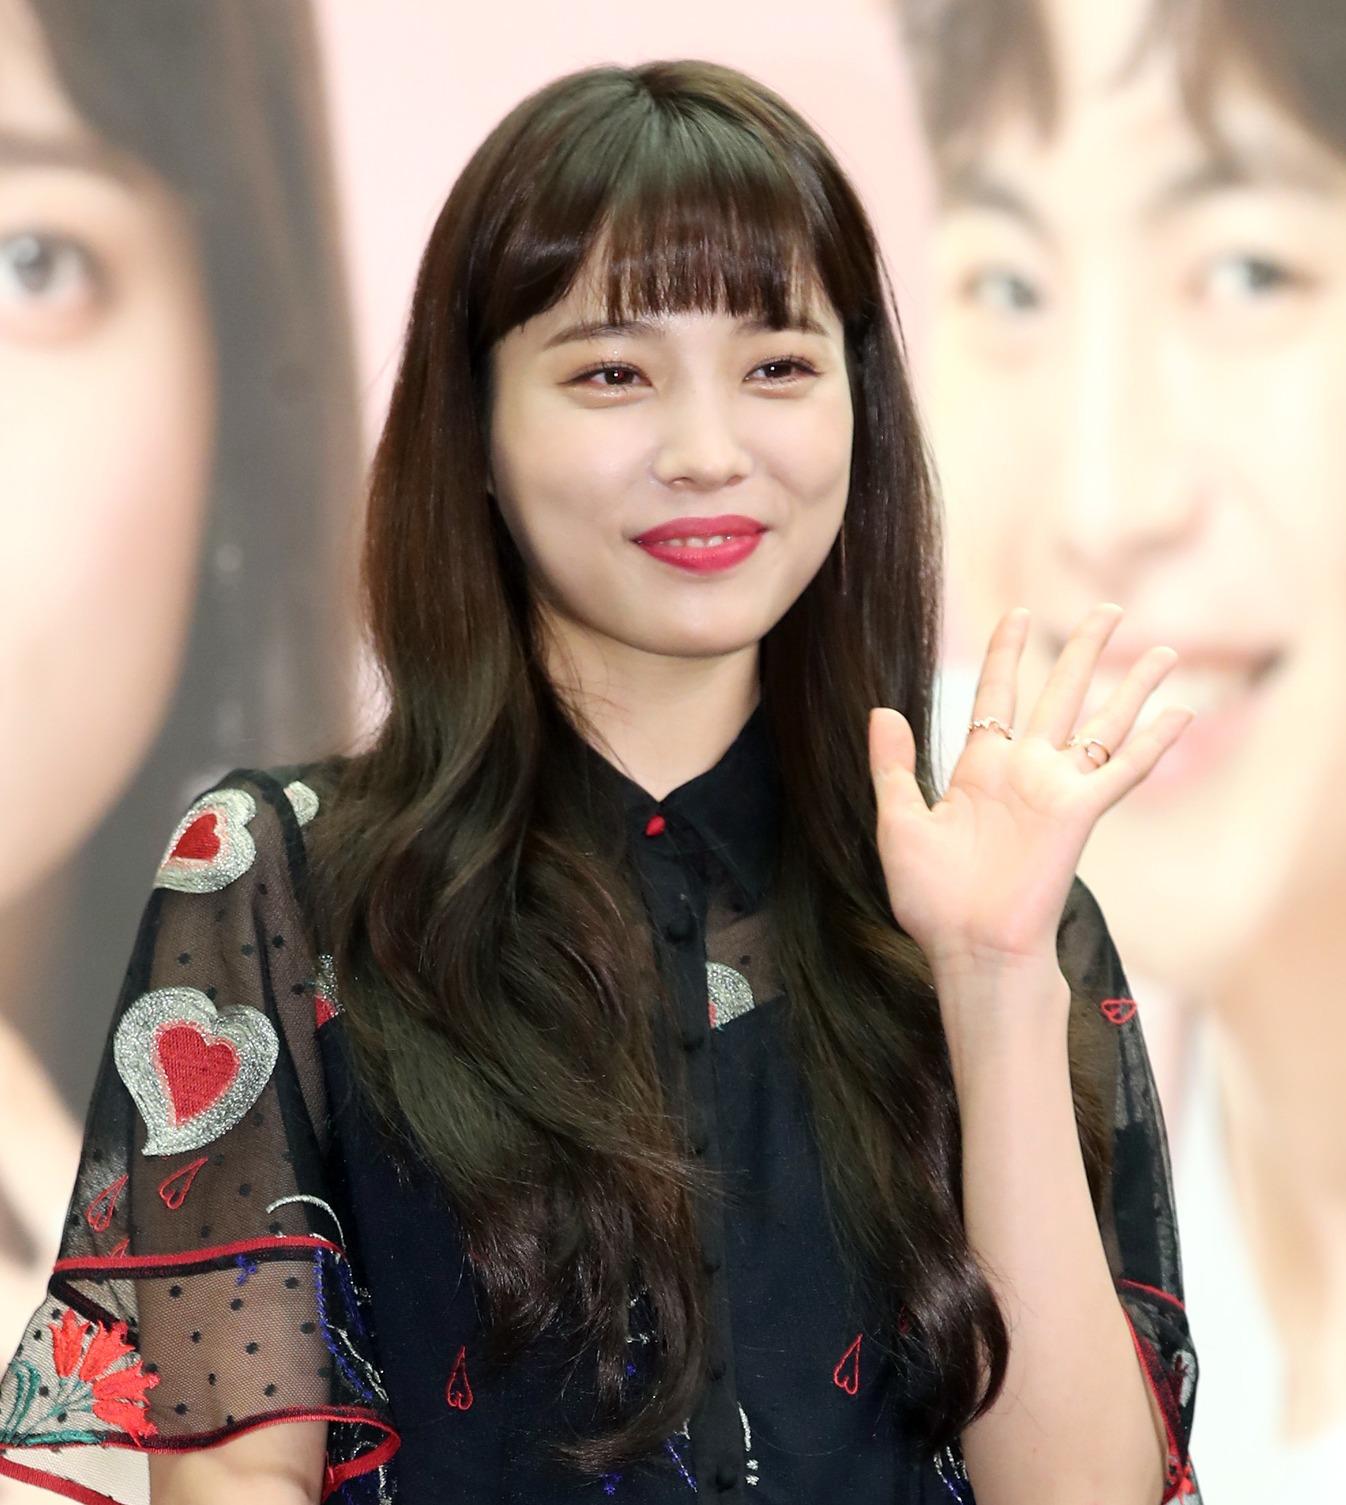 앞머리 자르니 박시연, 조이 닮았다는 연예인 | 1boon